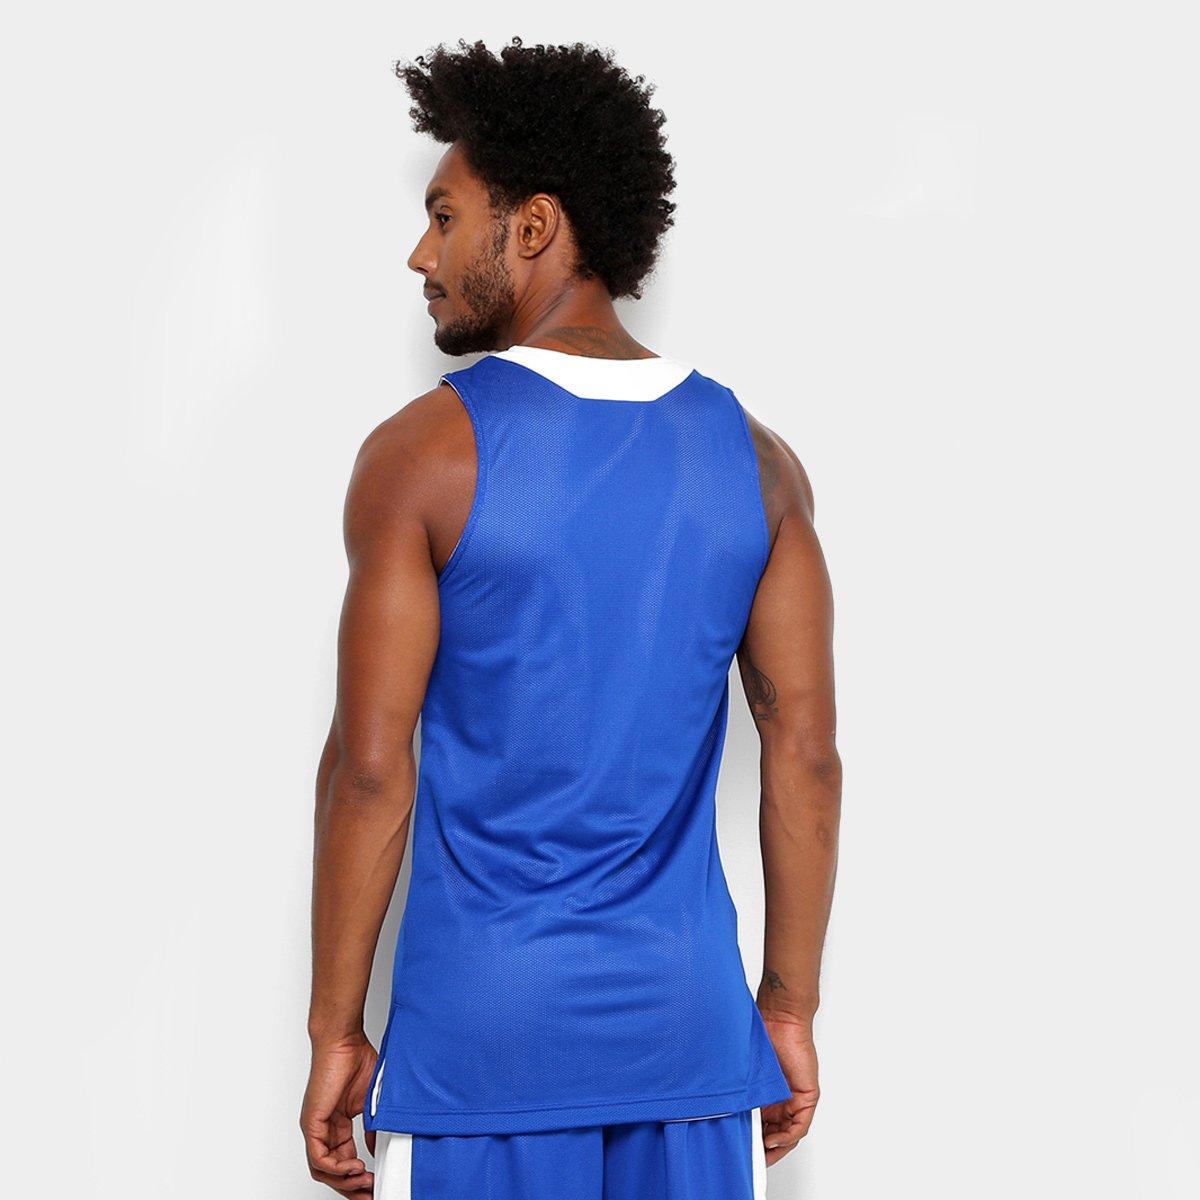 Regata Adidas Treino Reversível Dupla Face Masculina - Azul e Branco ... 0ac8cd8001976